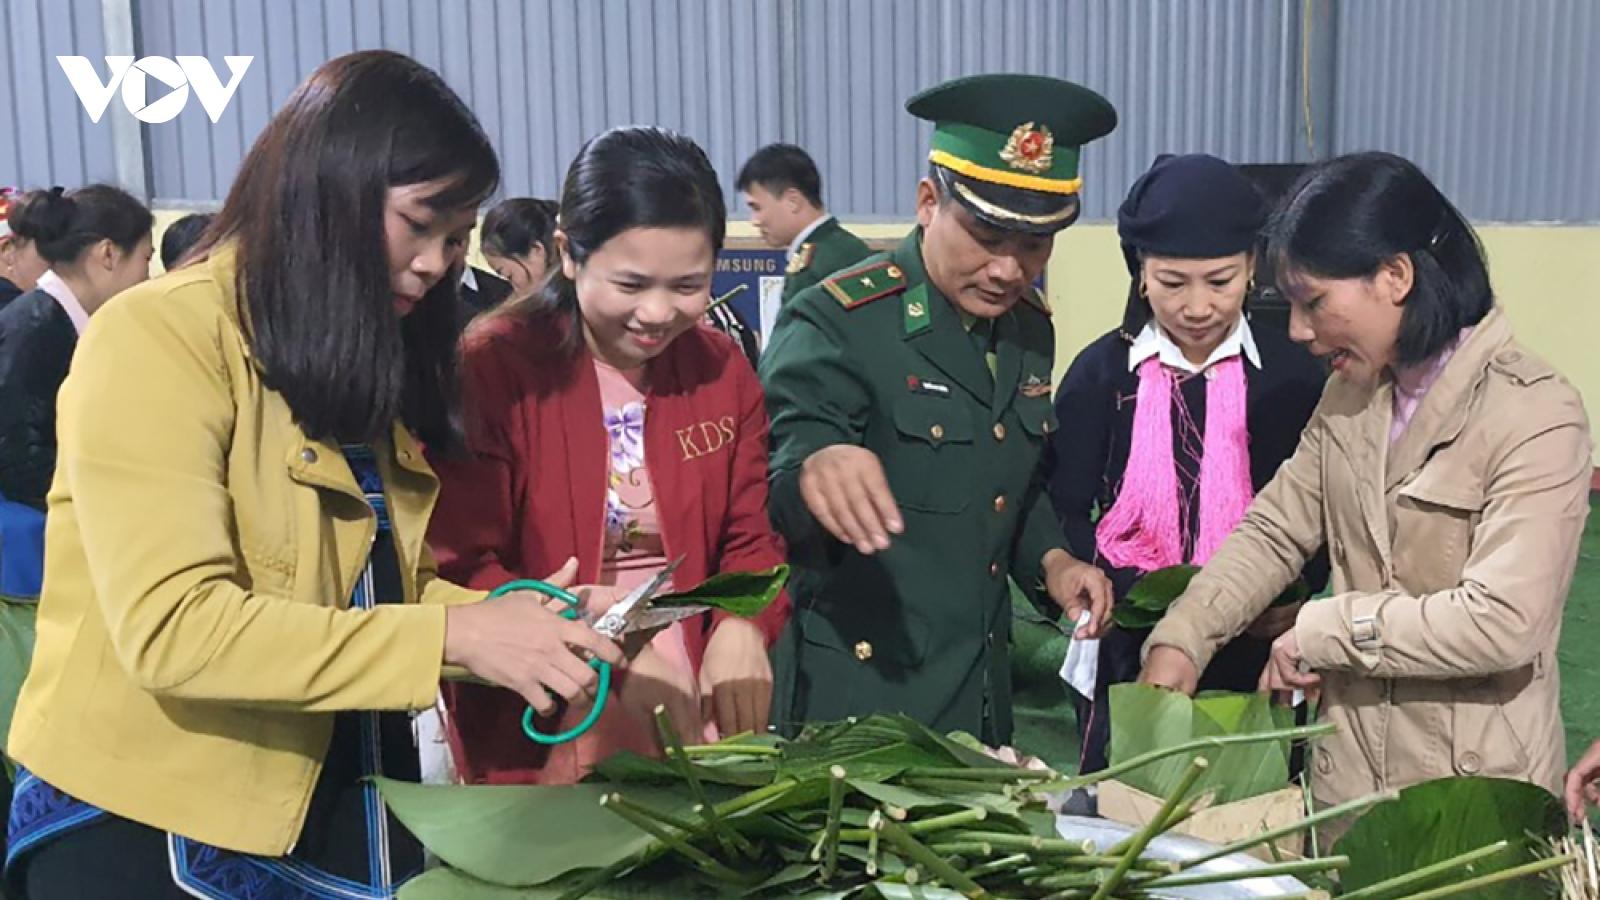 Lào Cai: Khen thưởng hộ thoát nghèo, tổ chức toàn dân ăn Tết